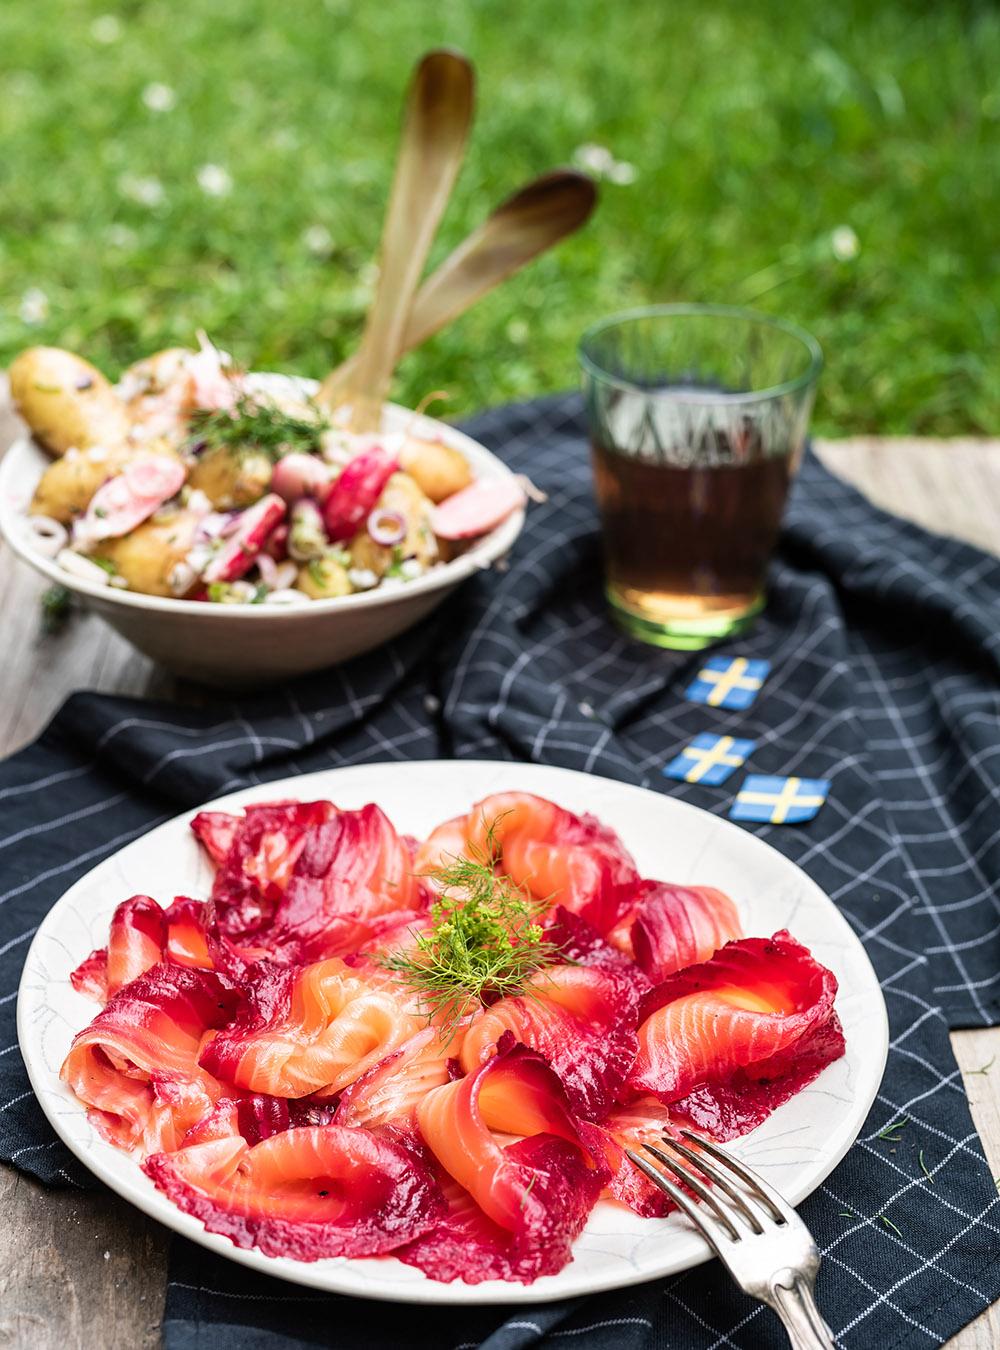 Gravad Lachs mit Rote Bete zu schwedischem Kartoffelsalat - Midsommar Picknick in Schweden